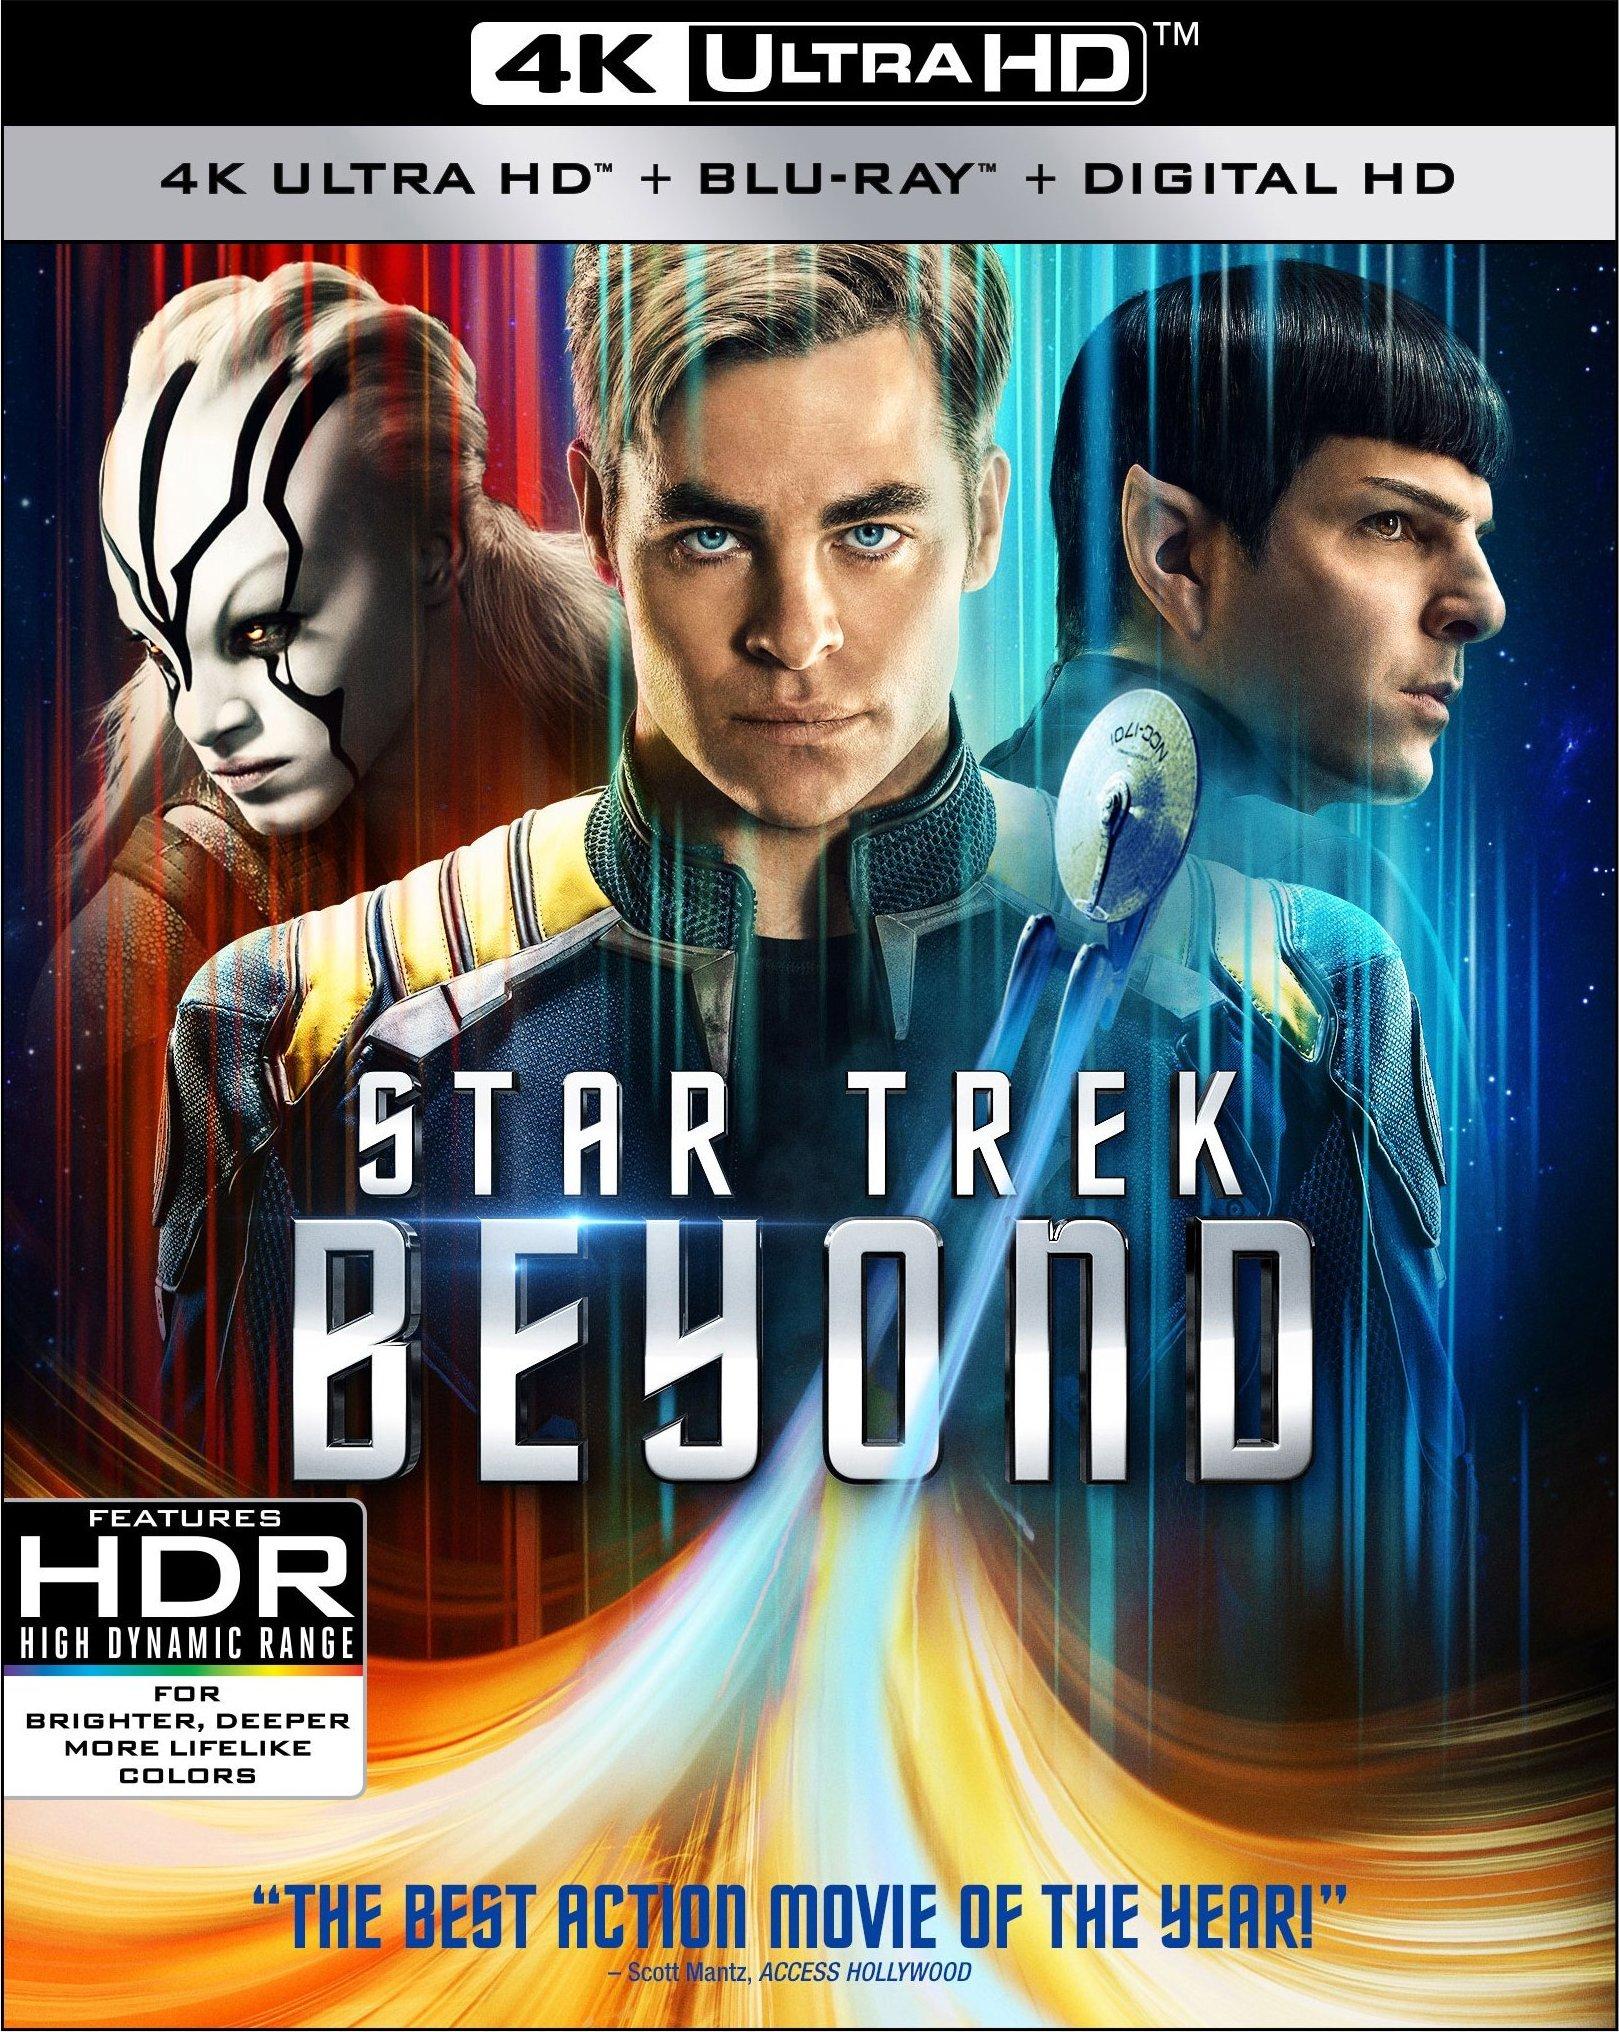 Star Trek Beyond 4K (2016) Ultra HD Blu-ray